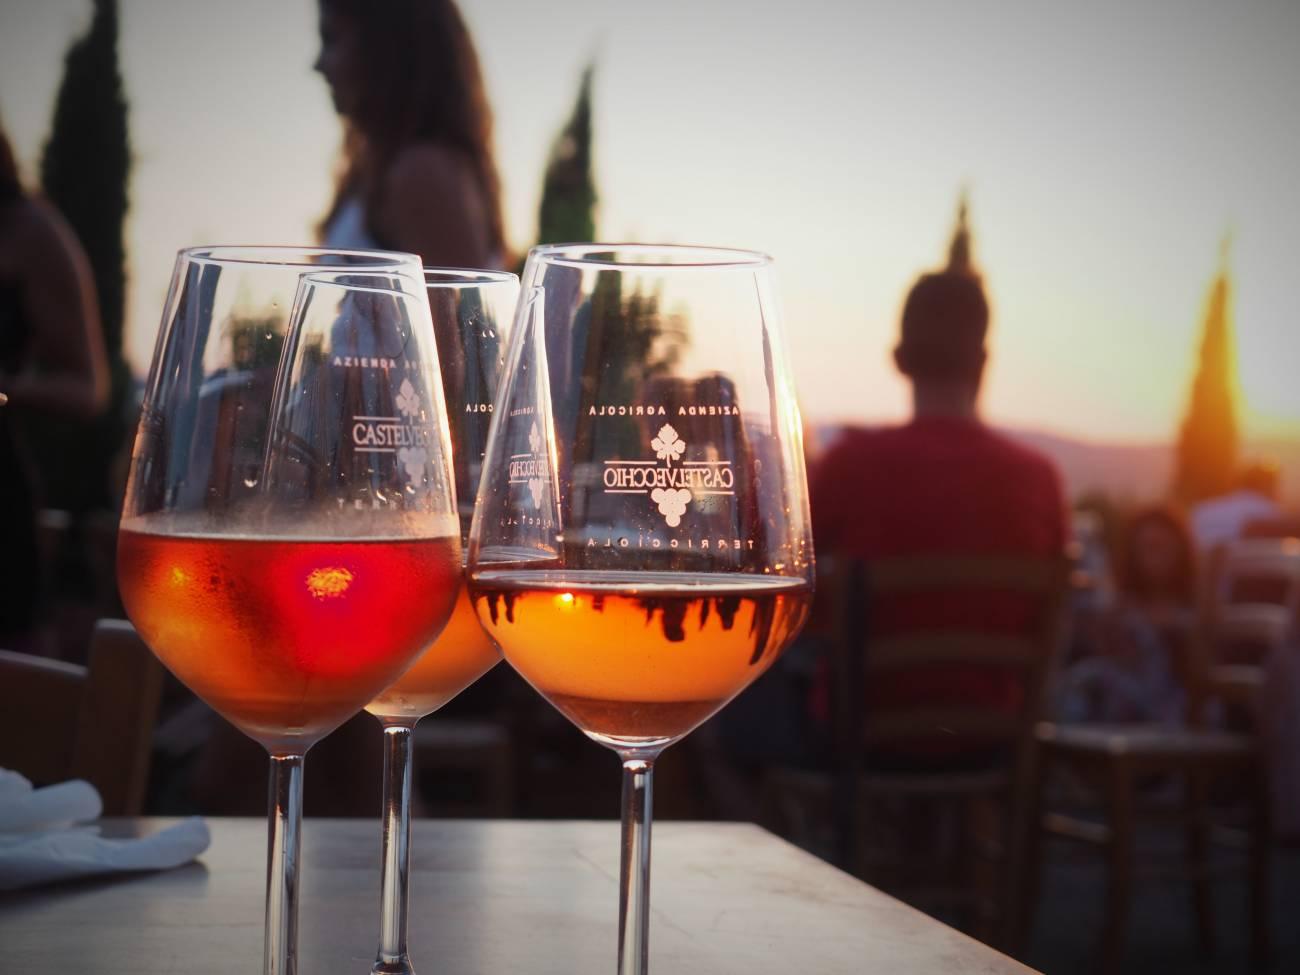 Castelvecchio wine tasting